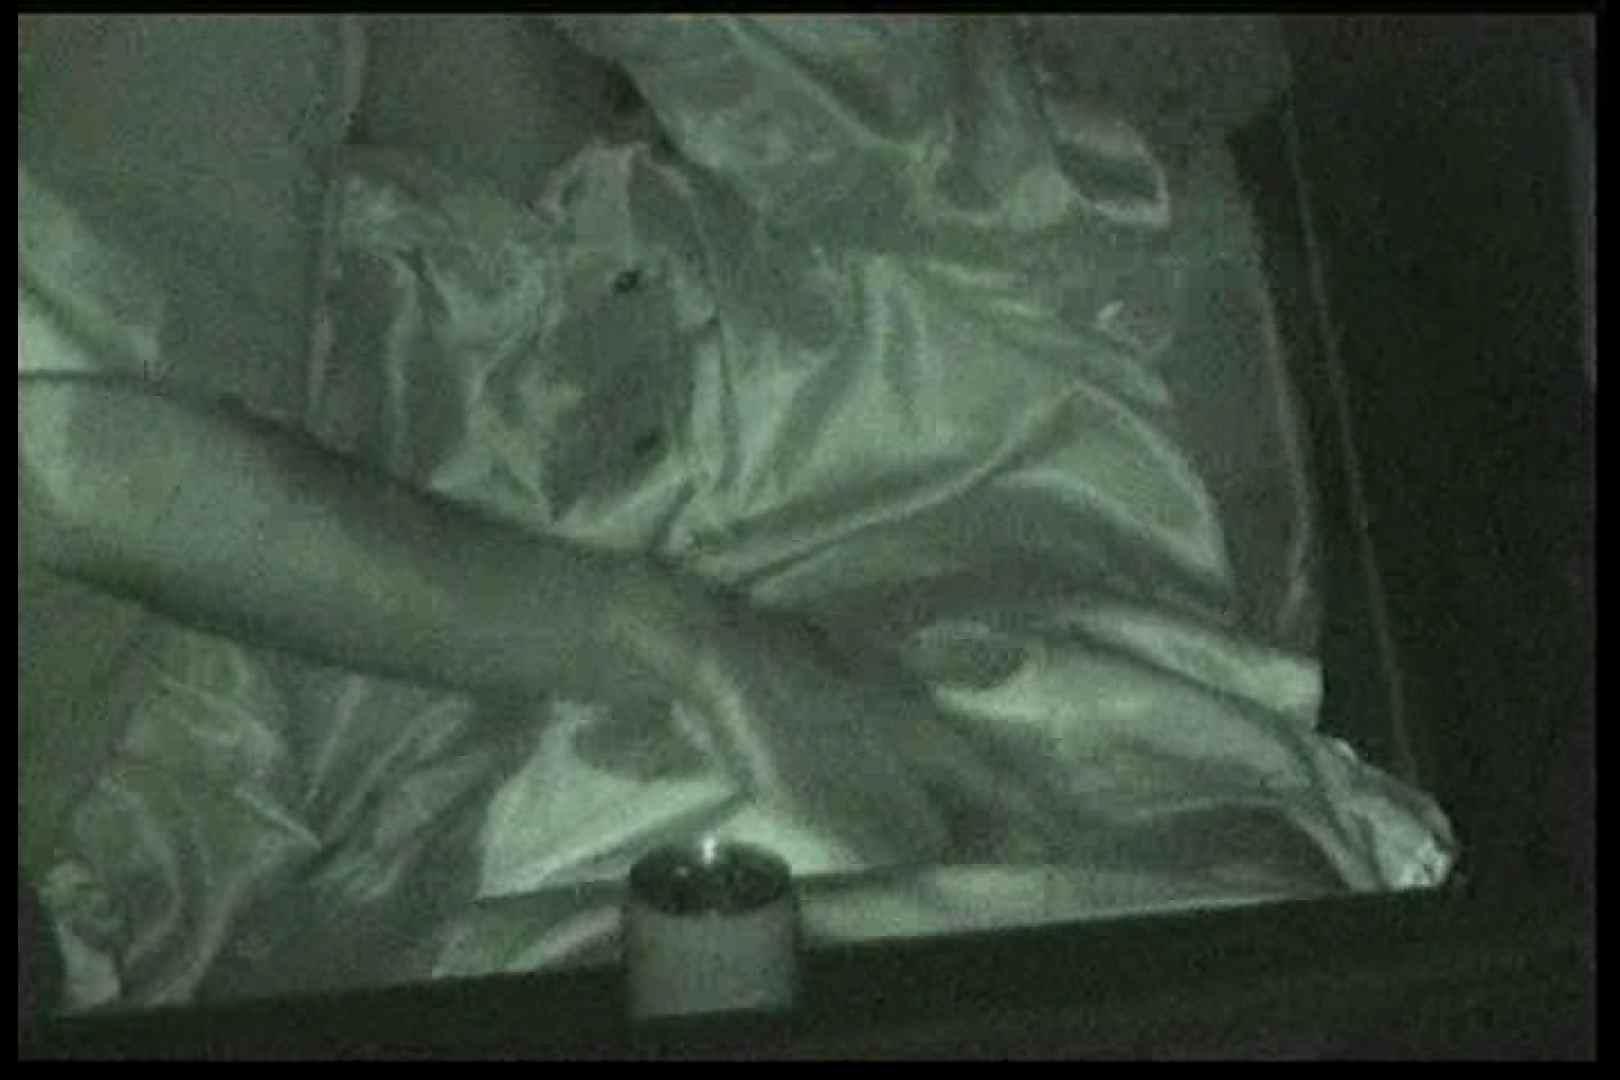 車の中はラブホテル 無修正版  Vol.13 マンコ エロ画像 64画像 52